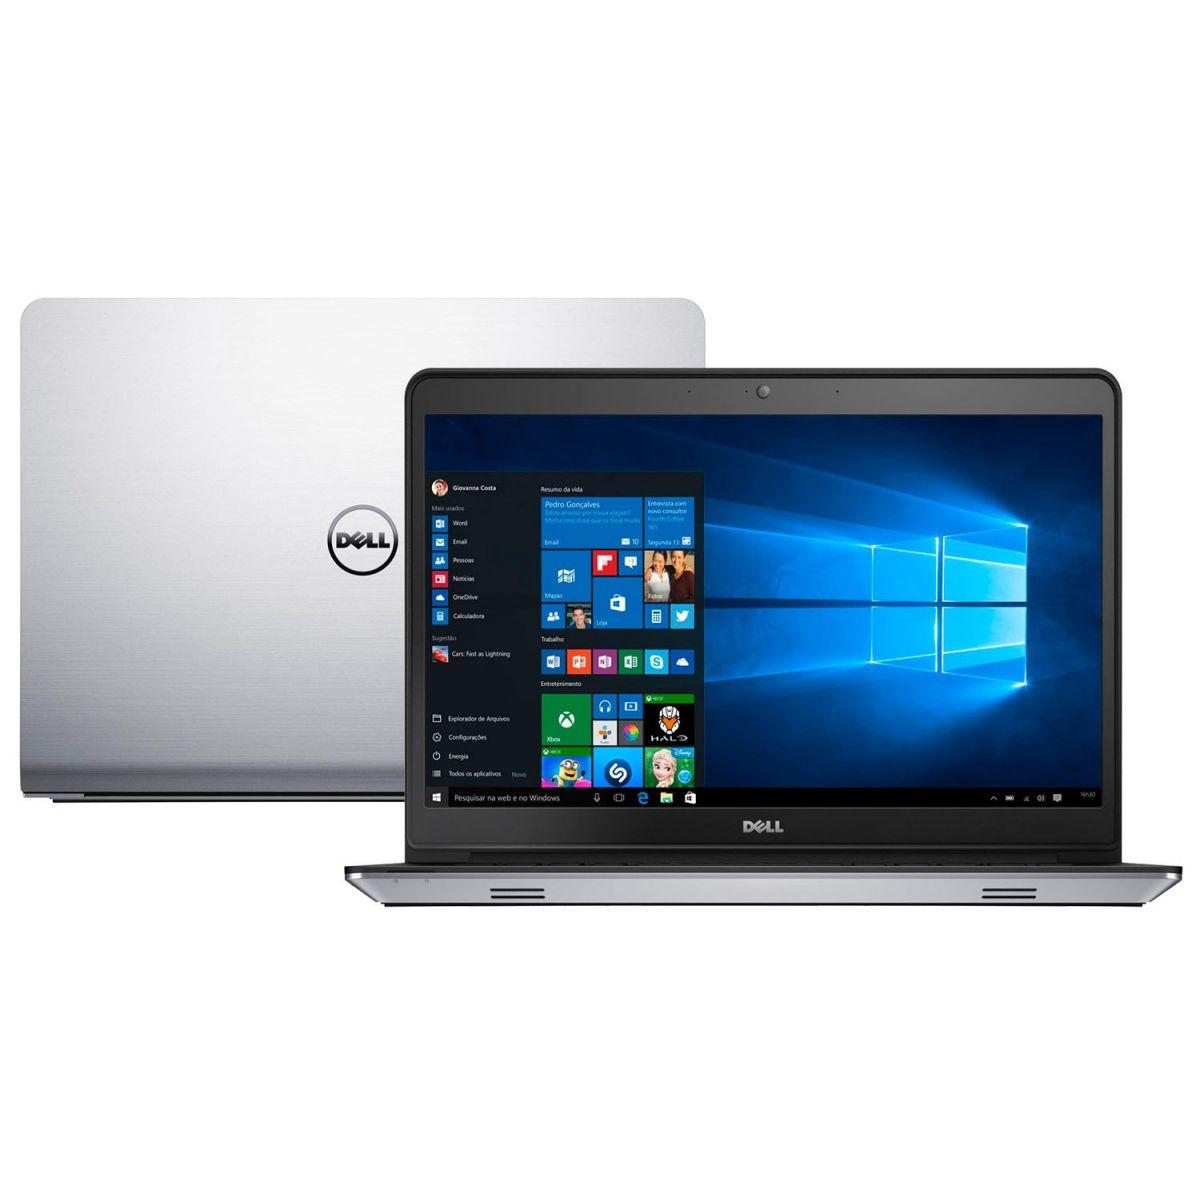 Nb Dell Inspiron 5448 Core I7-5500 /1Tb/8Gb/14/W10Home